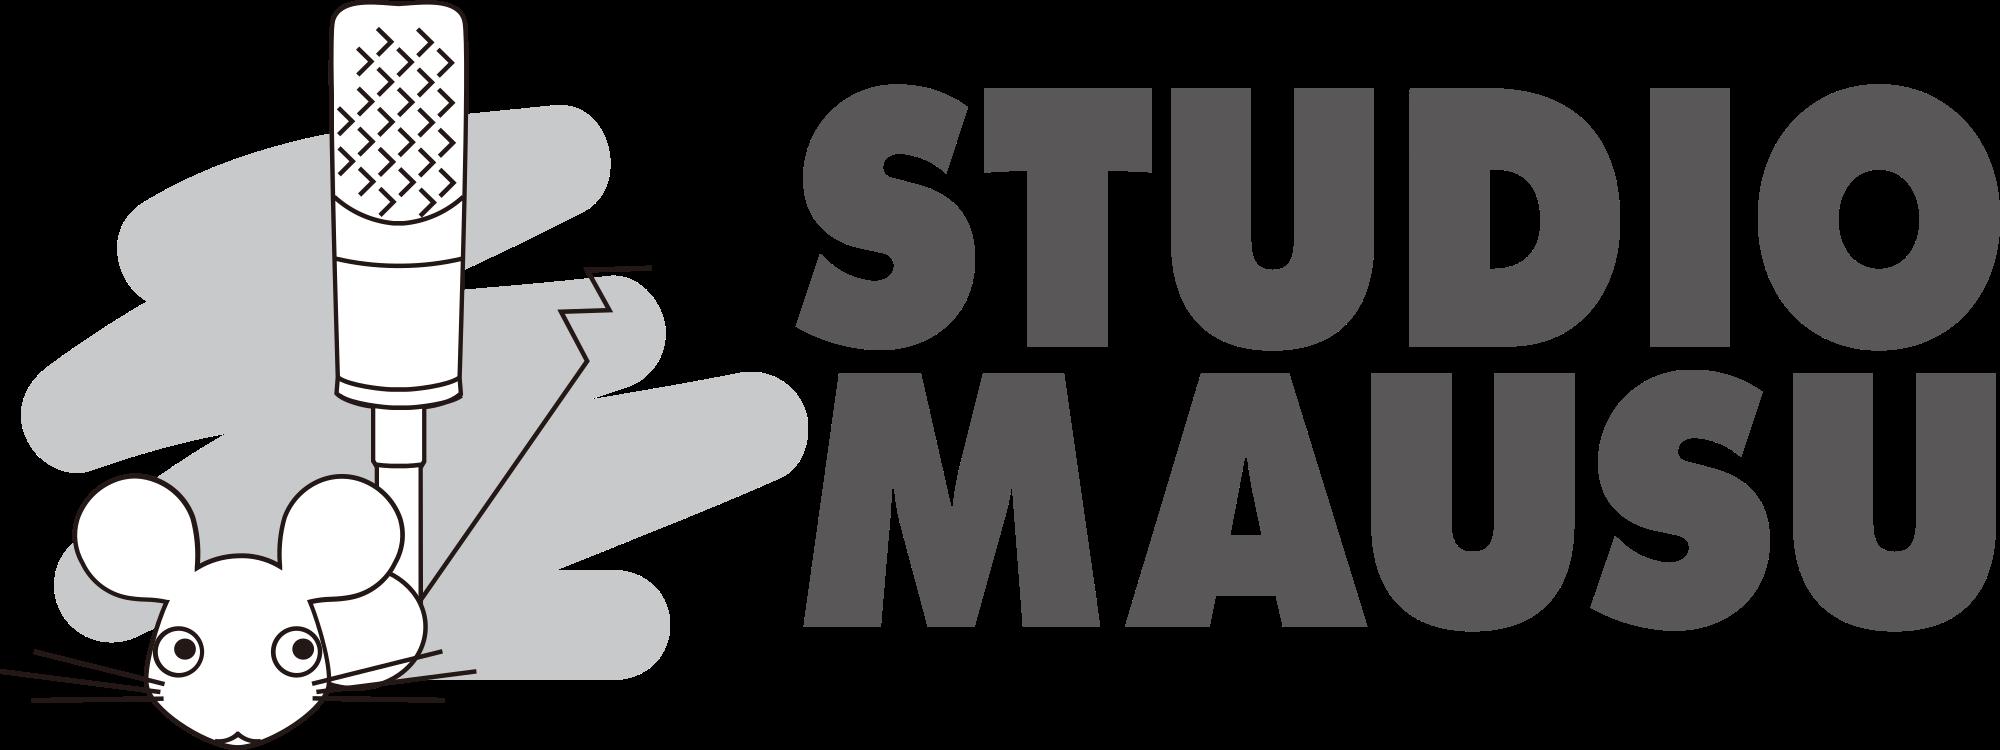 STUDIO MAUSU